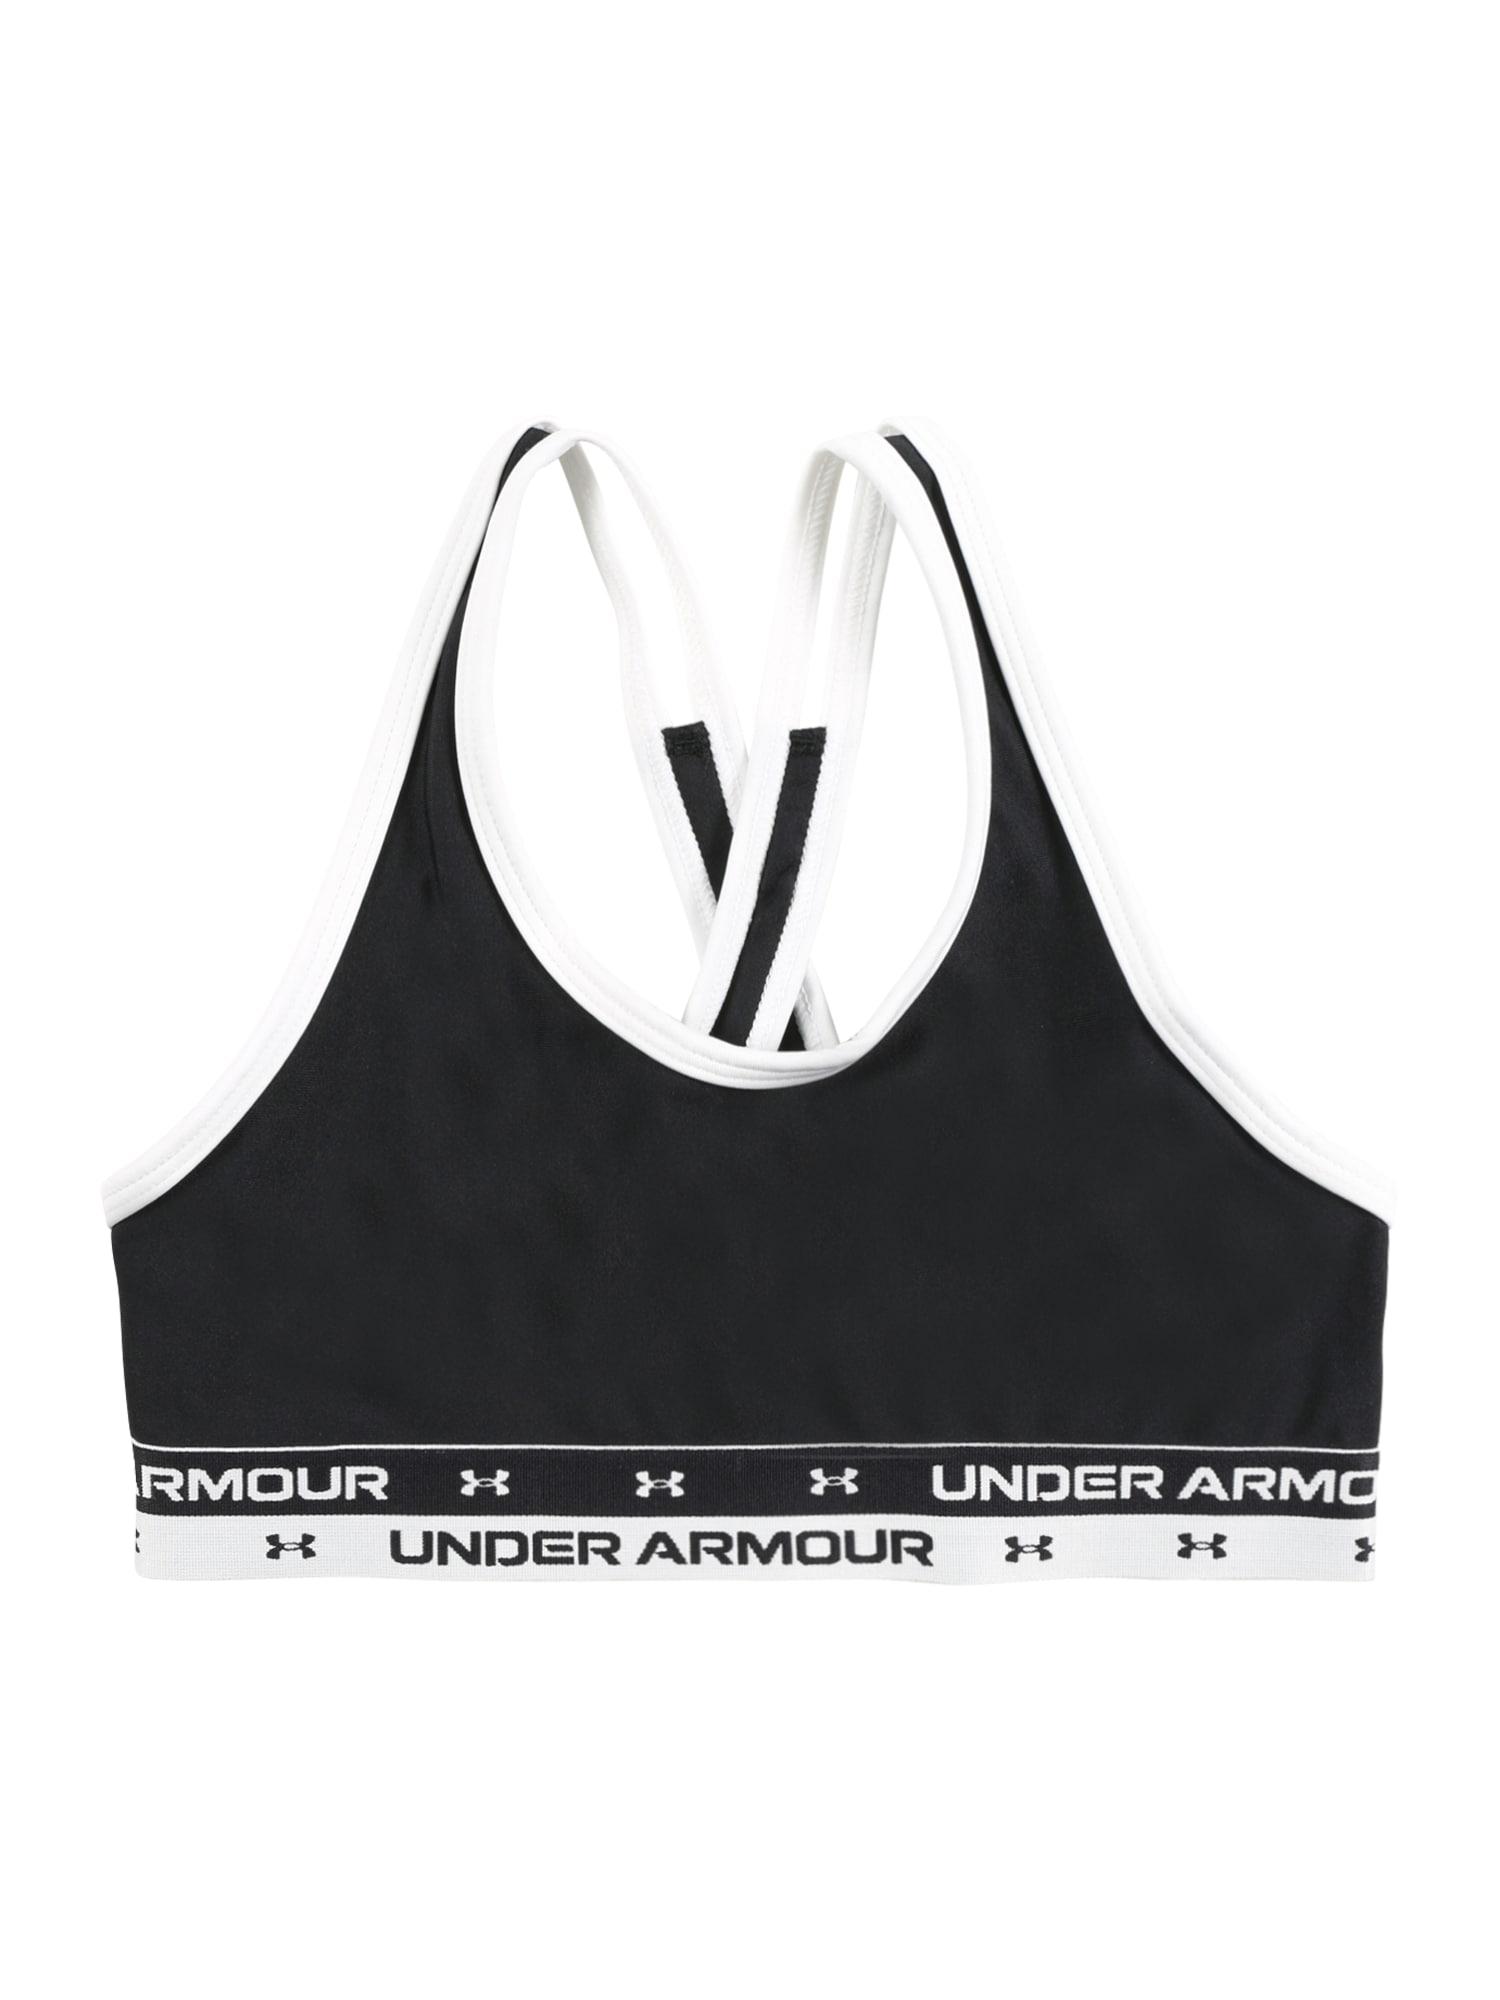 UNDER ARMOUR Sous-vêtements de sport  - Noir - Taille: YM - girl